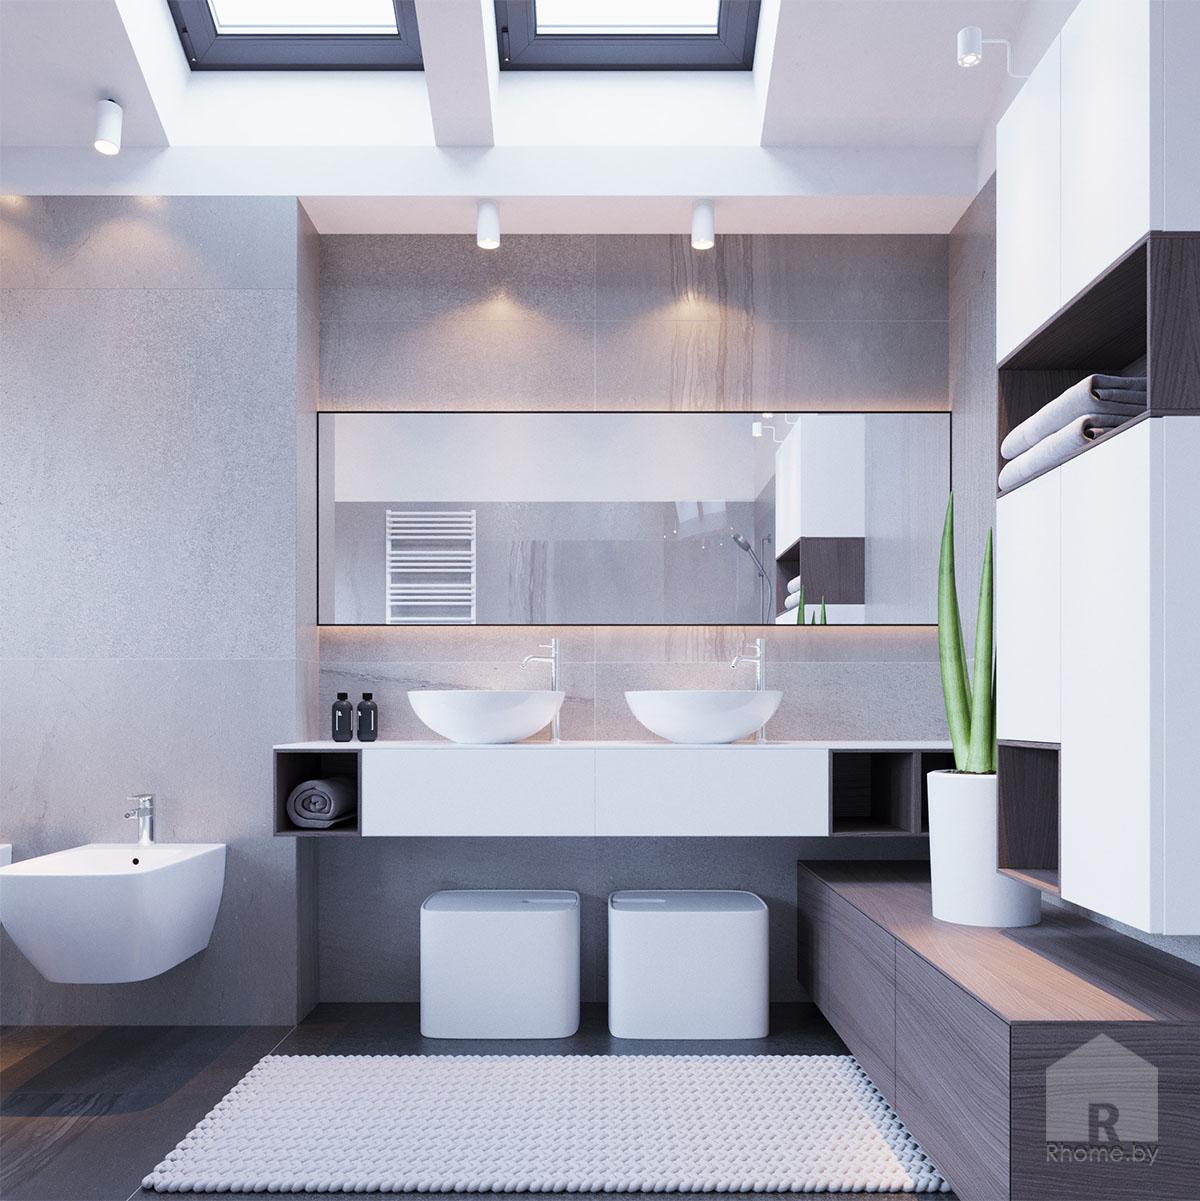 Дизайн интерьера санузла | Дизайн студия – Rhome.by